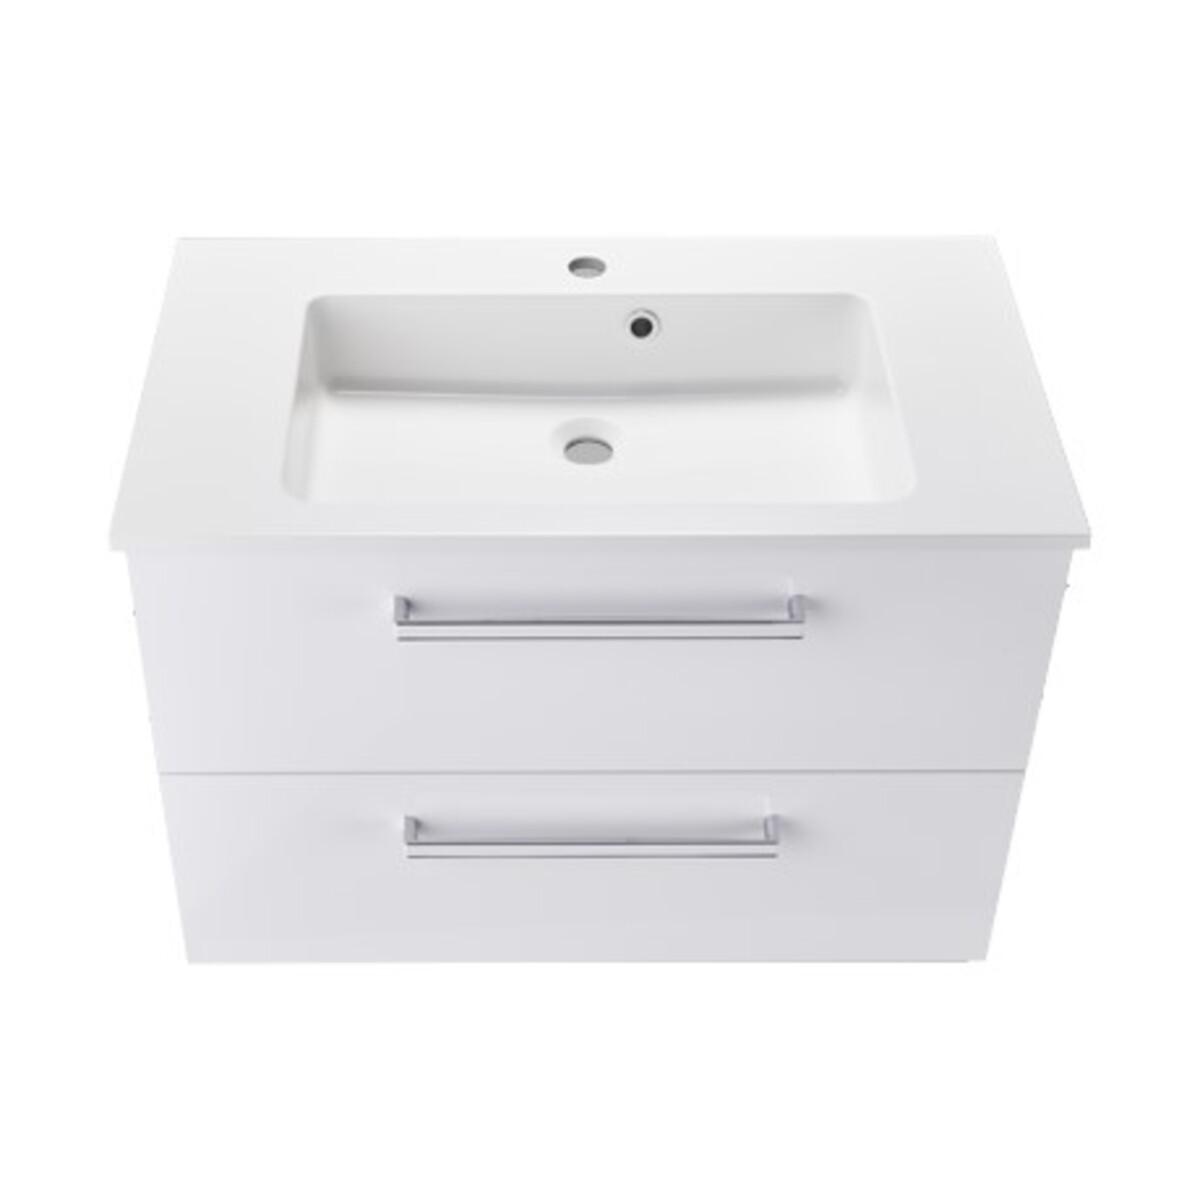 Bild 5 von Bad-Waschtisch inkl. Mineralguss-Waschbecken